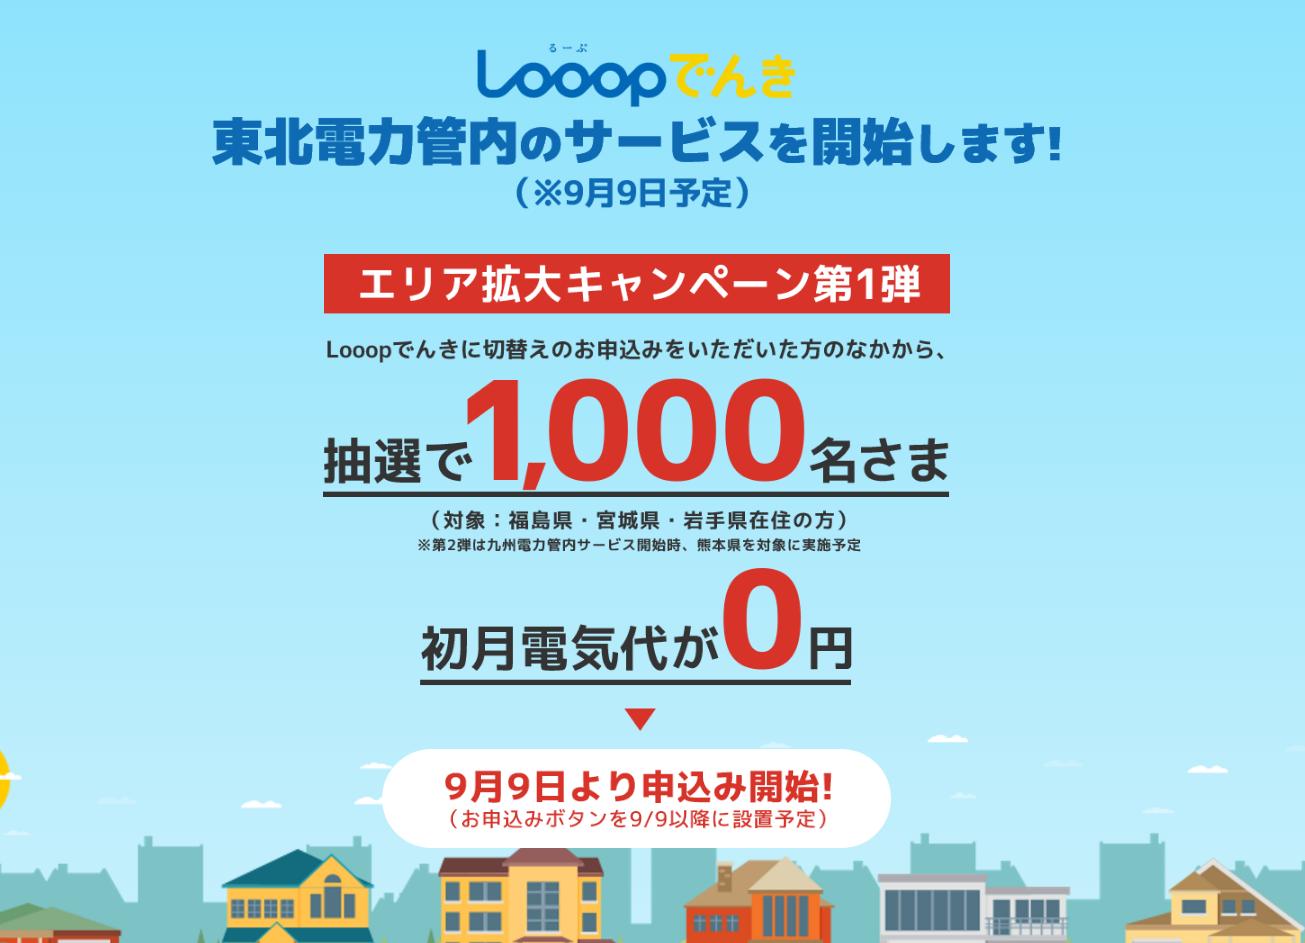 LooopCP